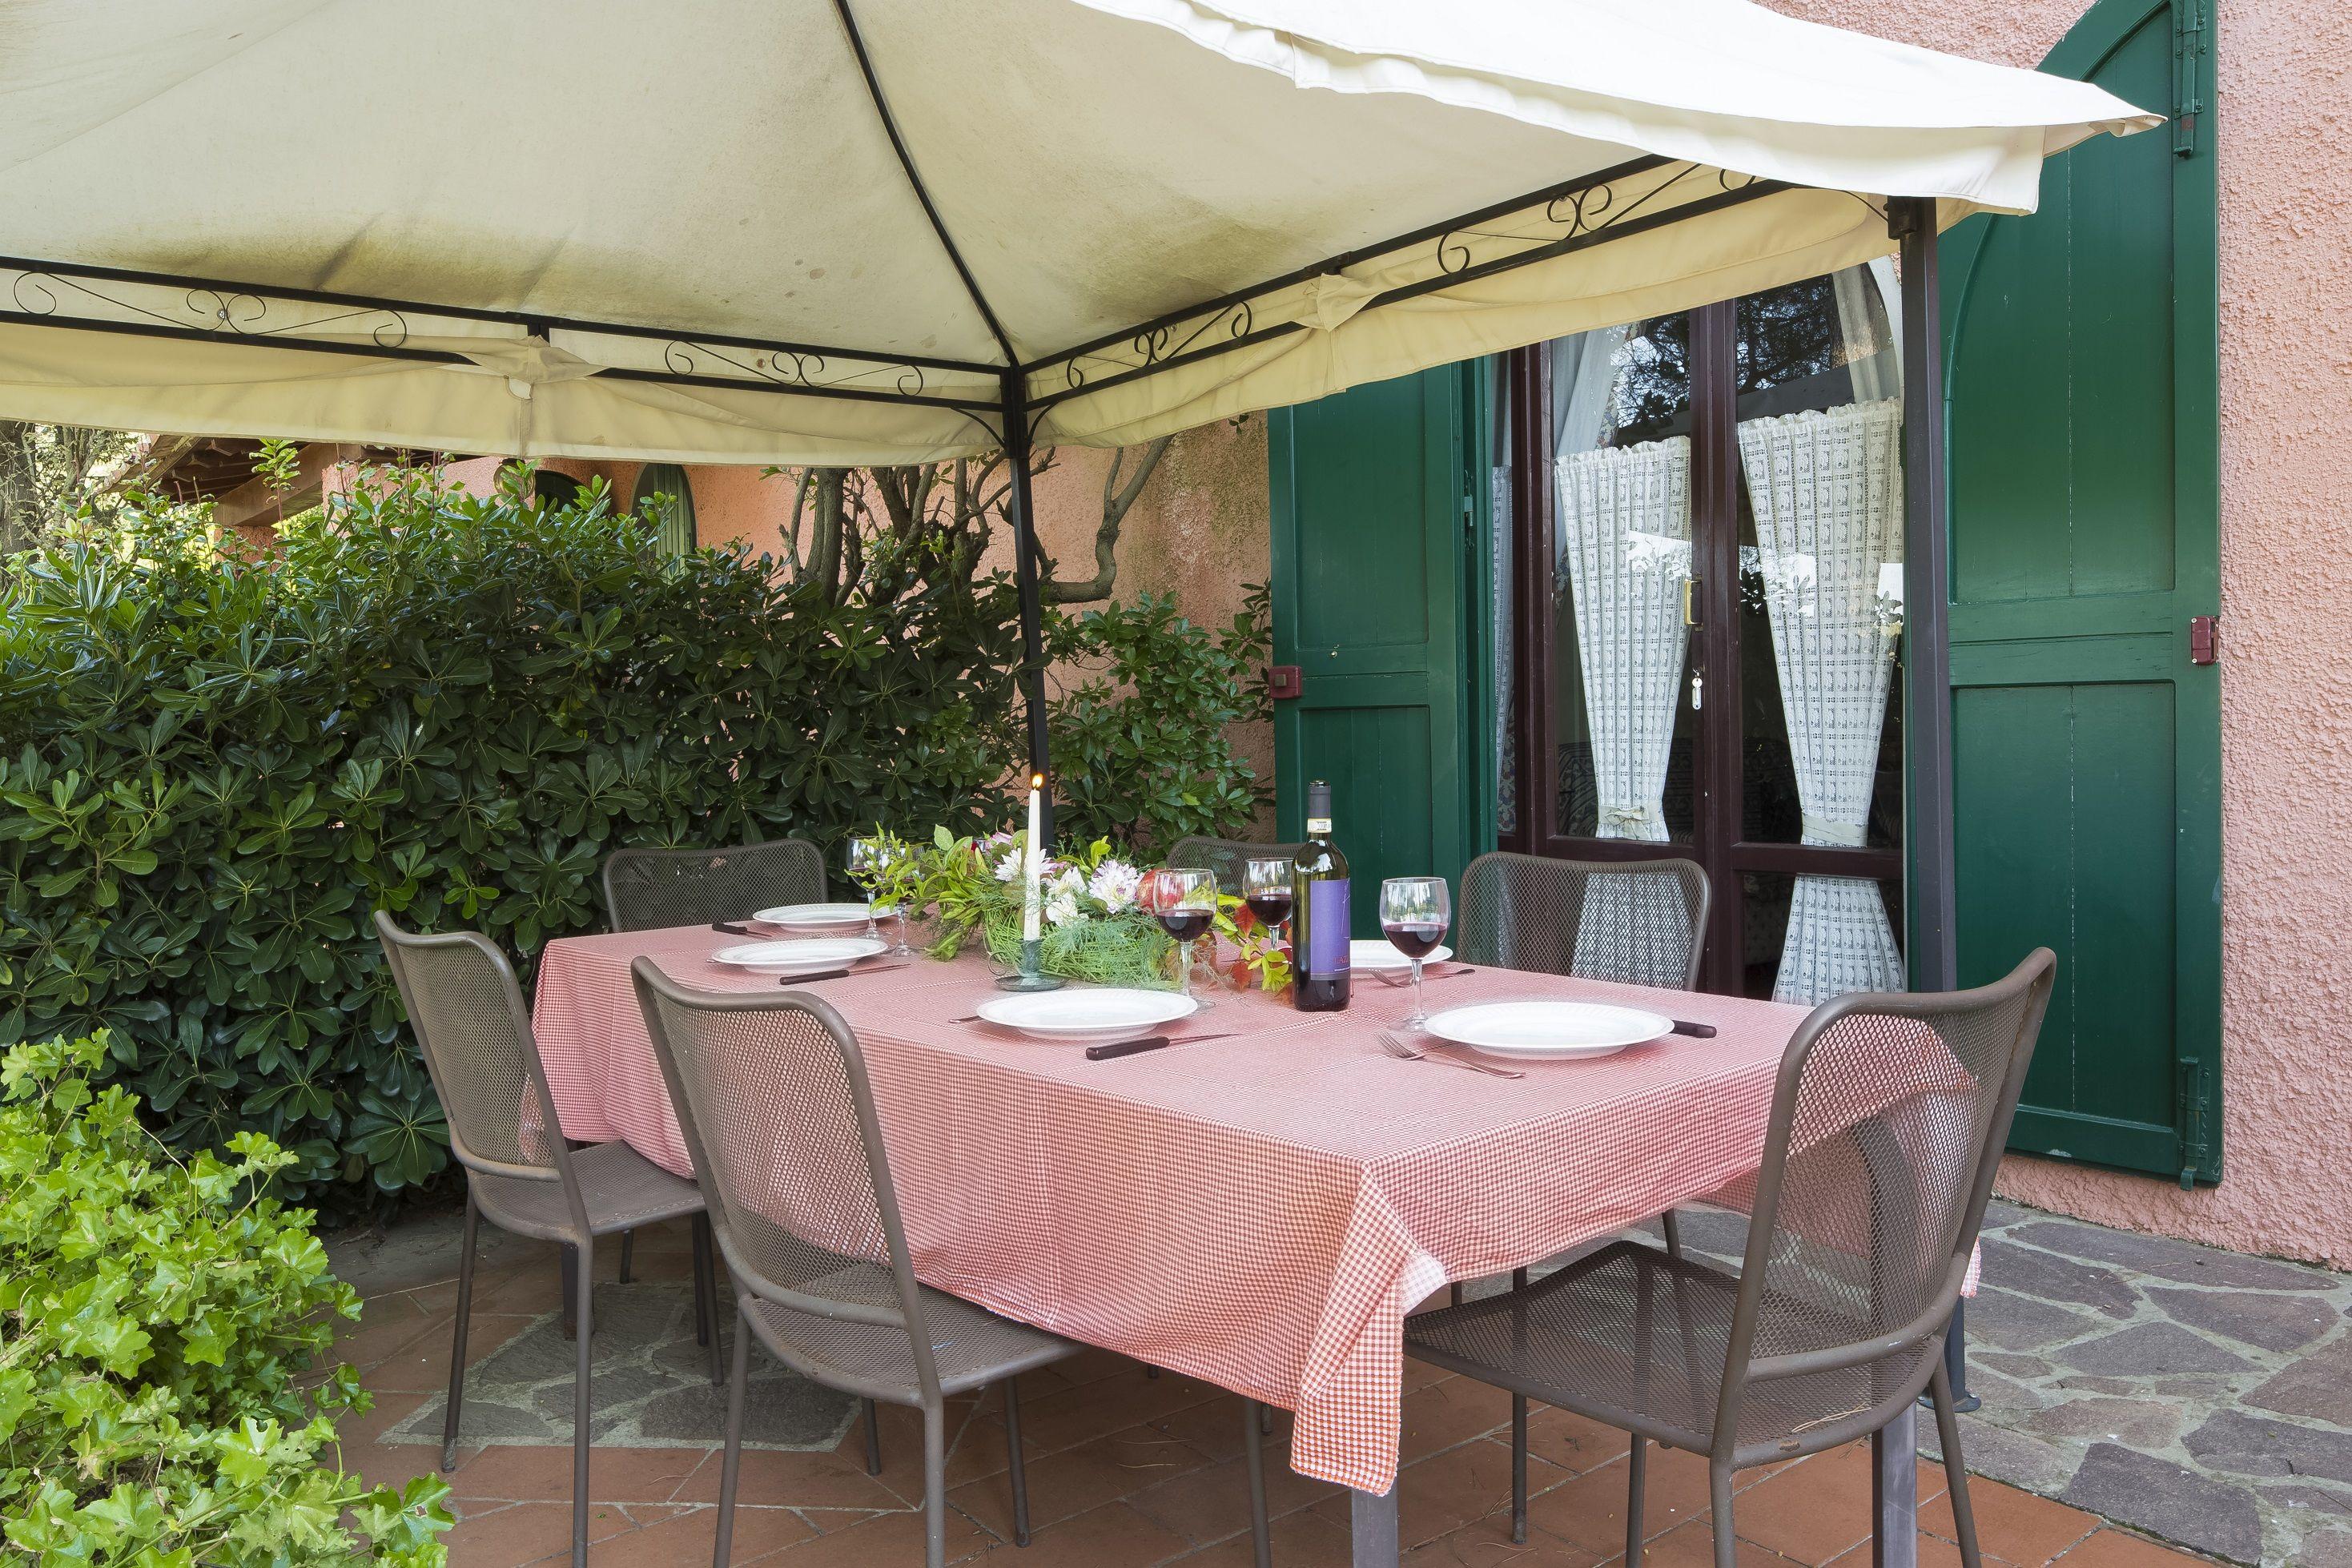 Apartment Bosco Lazzeroni Residence - Nabucco Holiday Home photo 16875273